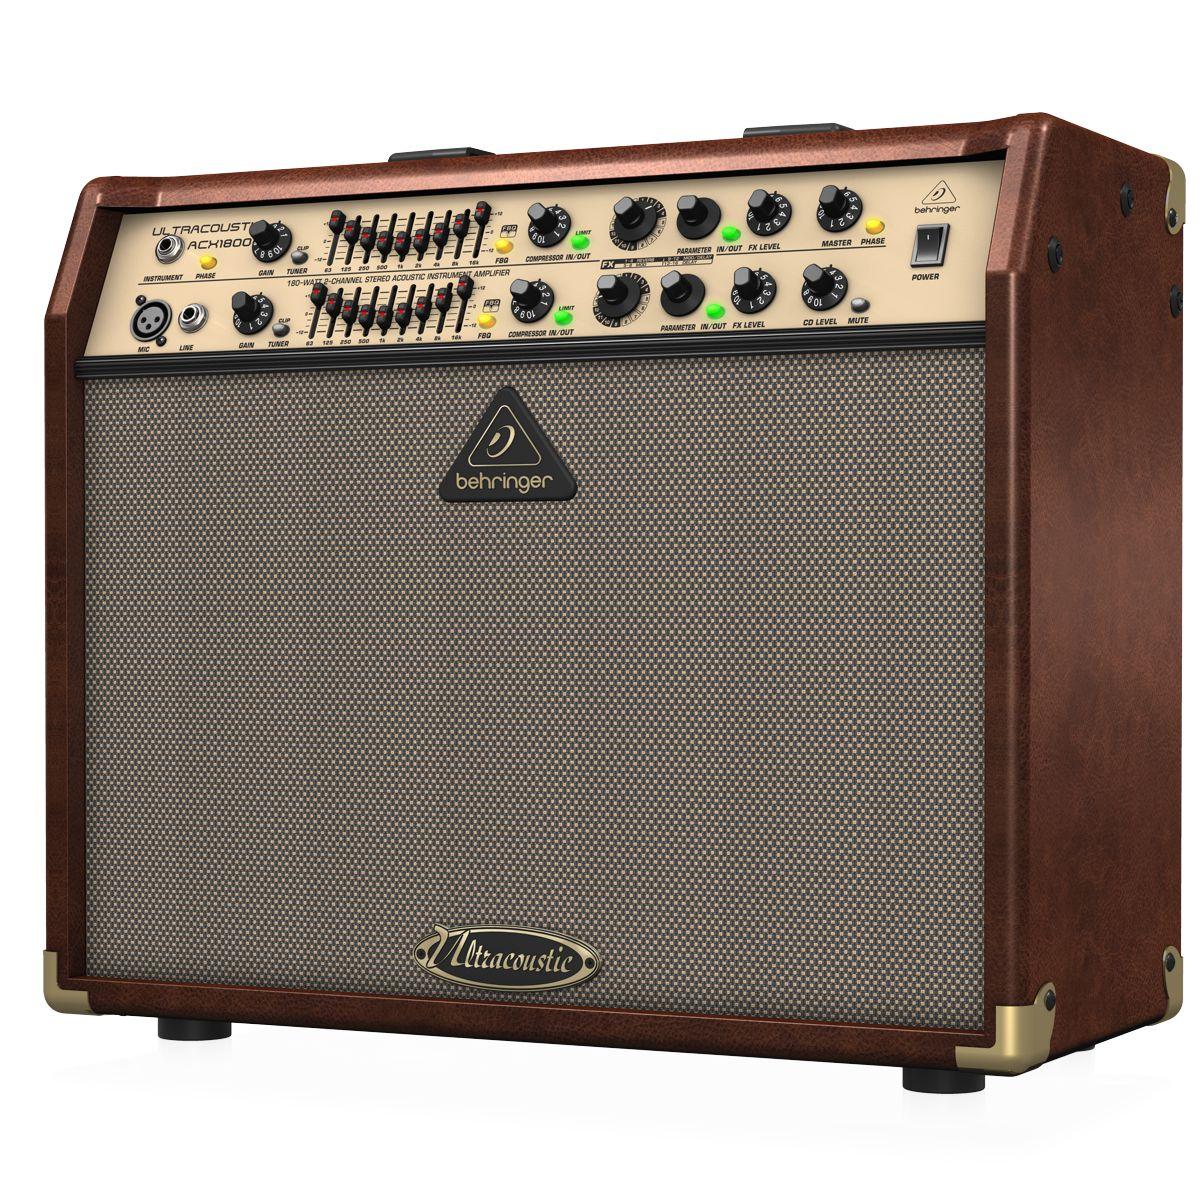 Amplificador Para Violão e Voz Behringer Acx1800 180w Rms 110v